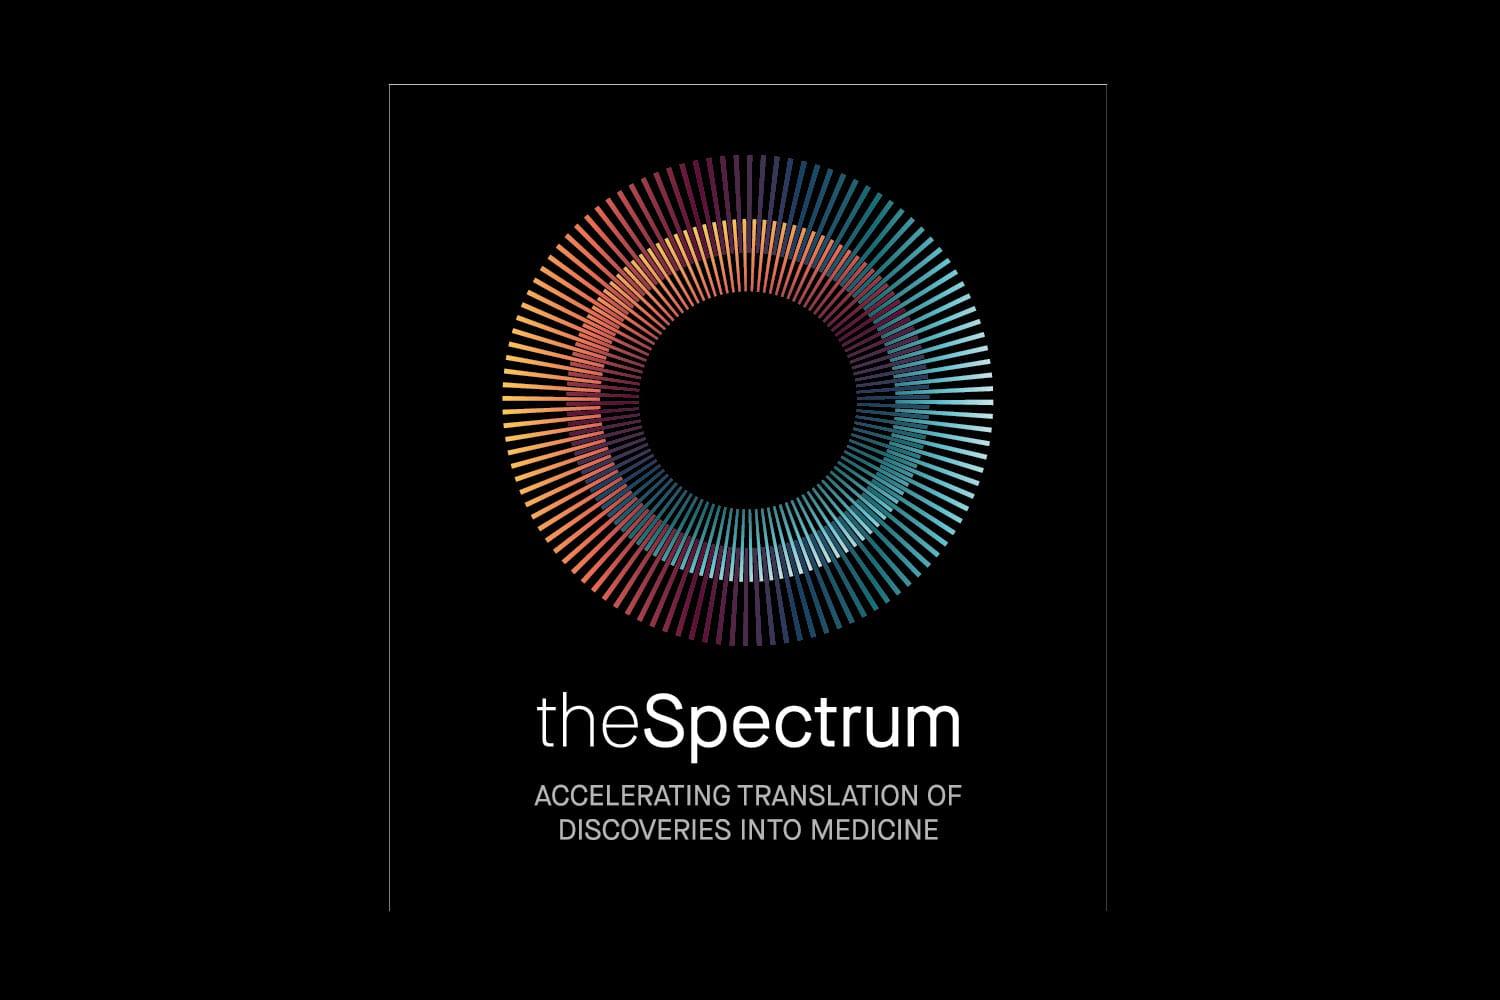 Scripps Spectrum